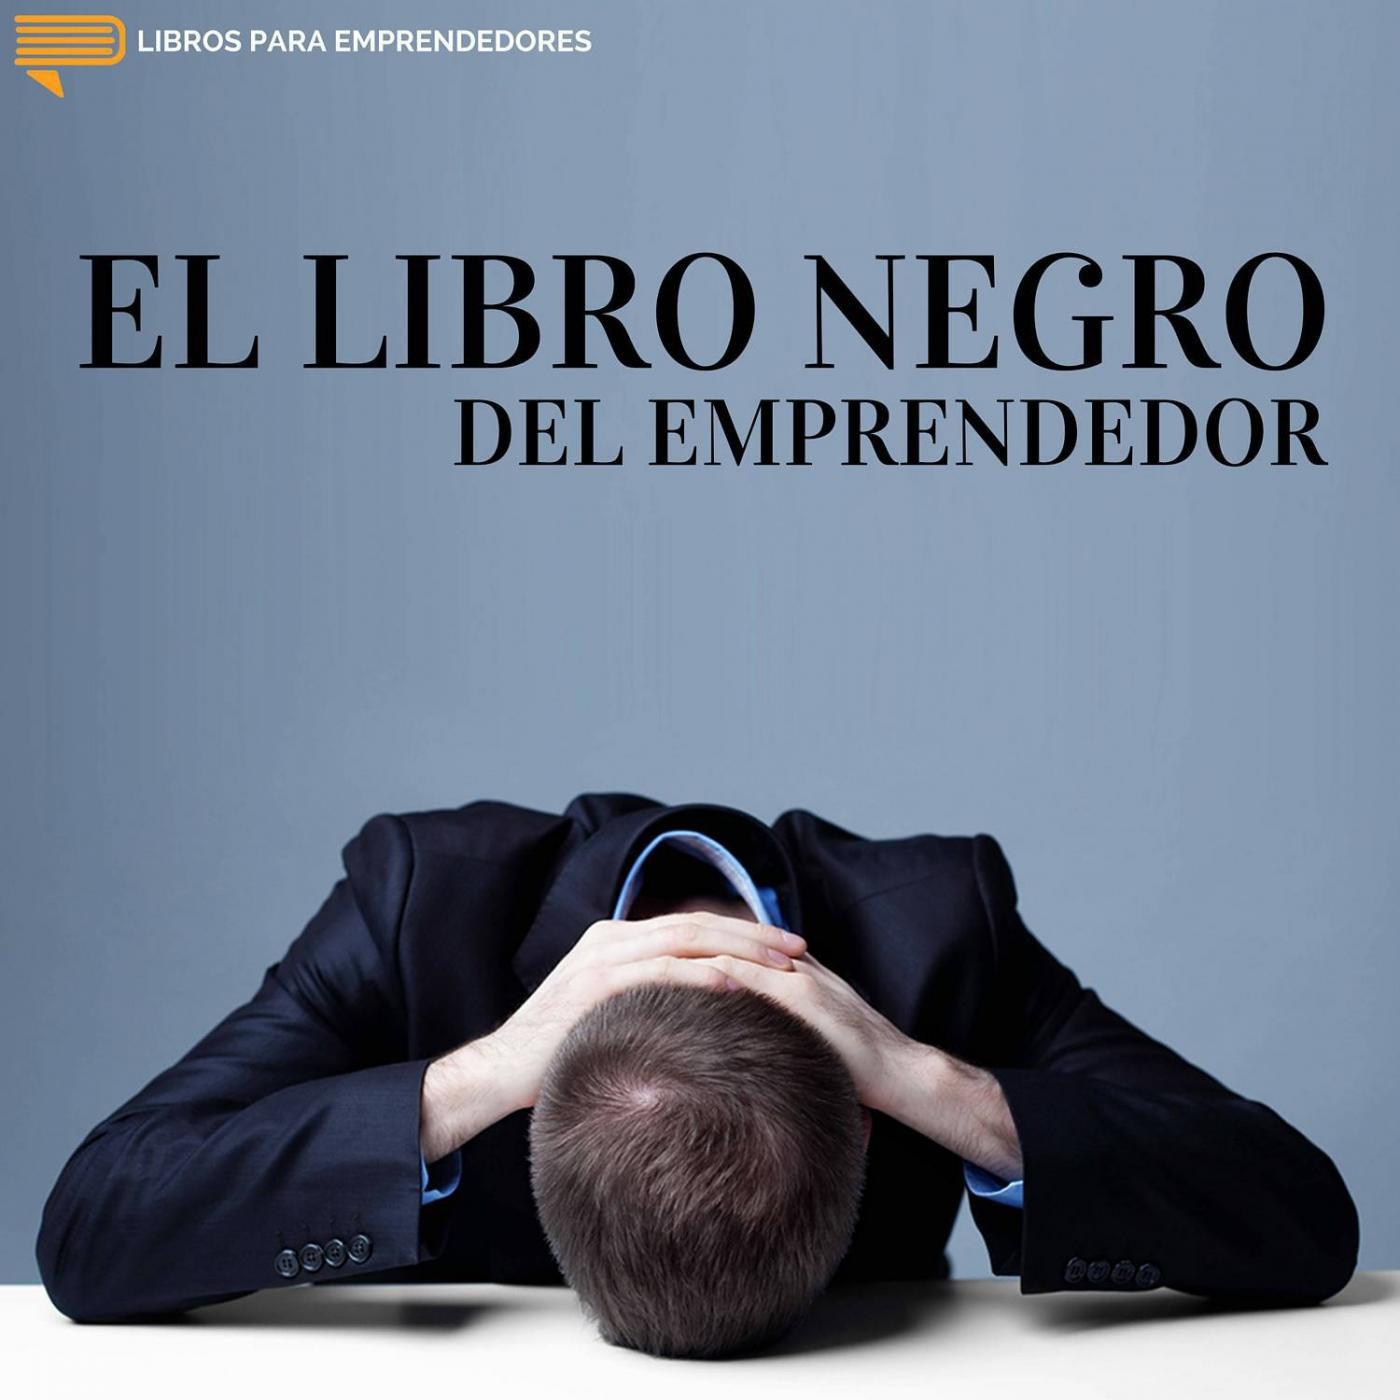 el libro negro del emprendedor pdf free